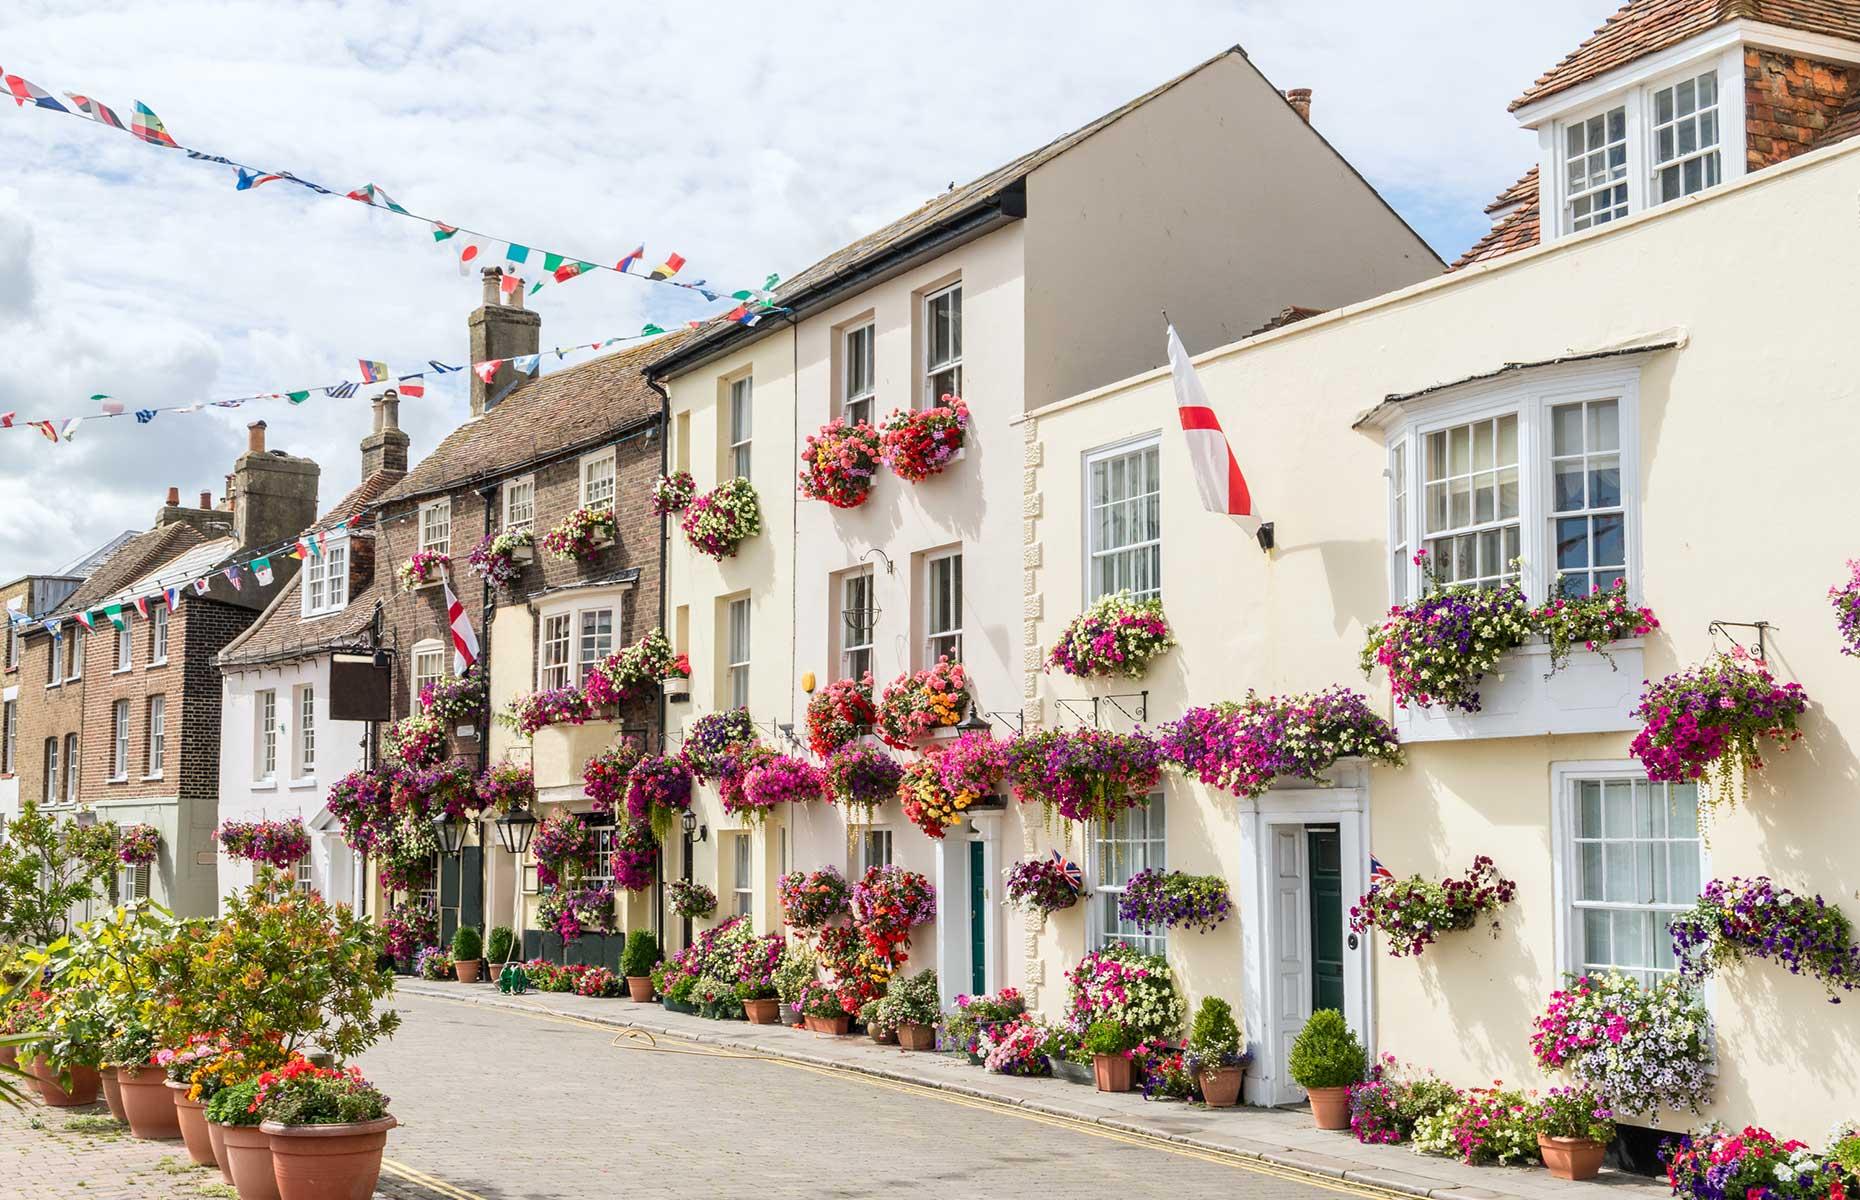 Georgian townhouses, Deal, Kent (Images: Gordon Bell/Shutterstock)